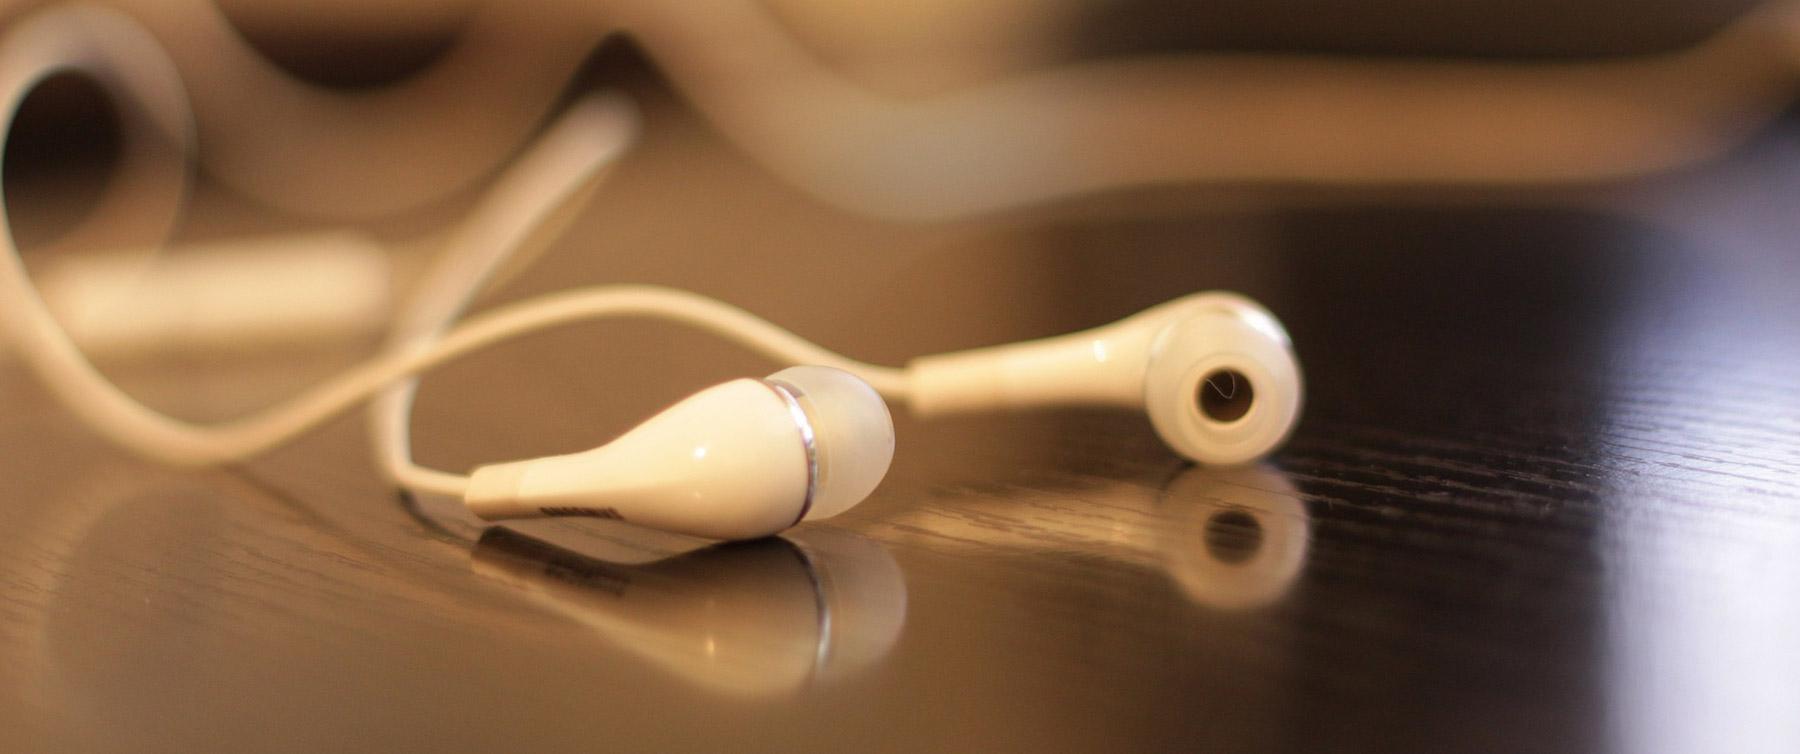 Audio vsebine